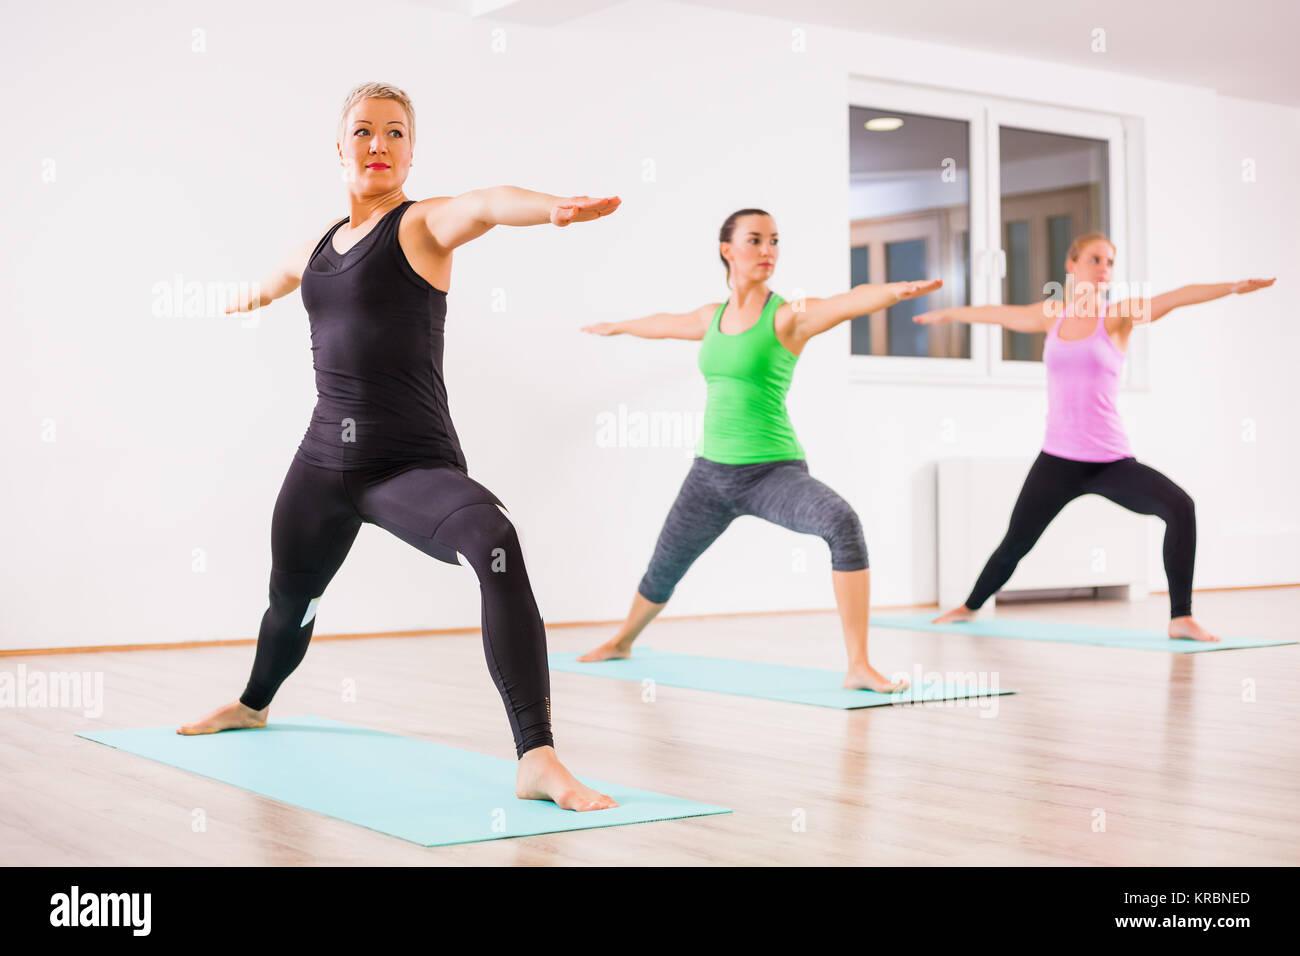 Three girls practicing yoga, Virabhadrasana / Warrior 2 Pose - Stock Image